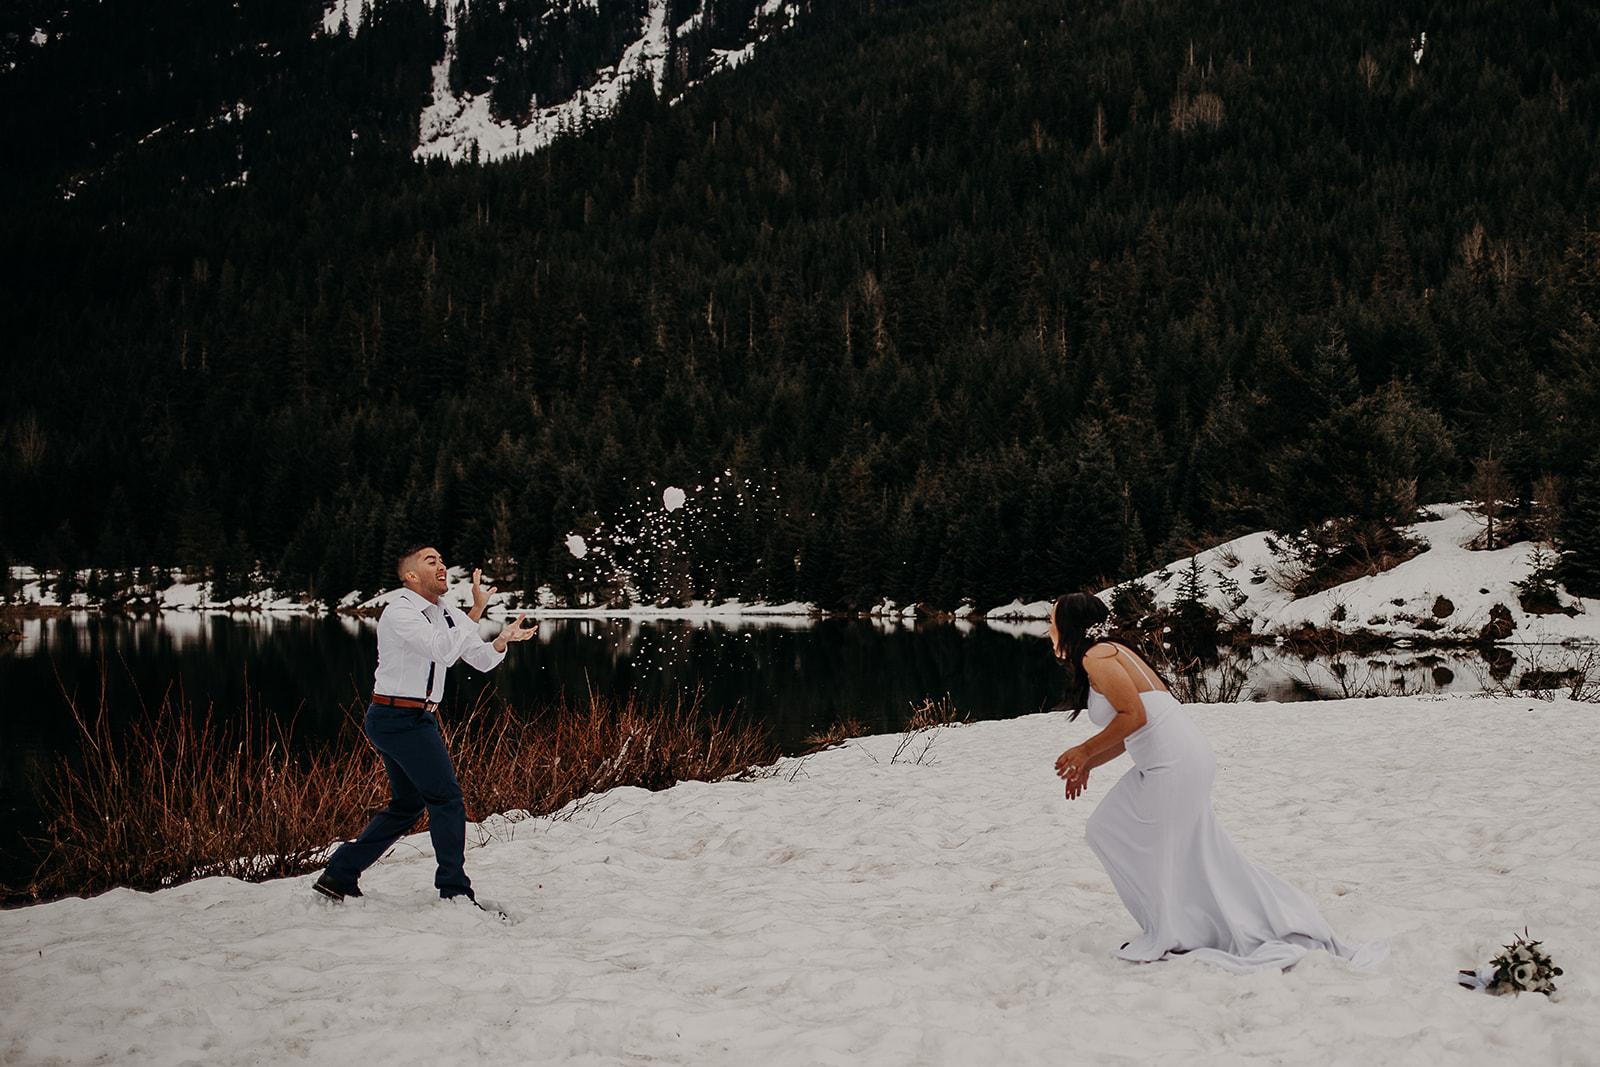 winter-mountain-elopement-asheville-wedding-photographer-megan-gallagher-photographer (46).jpg